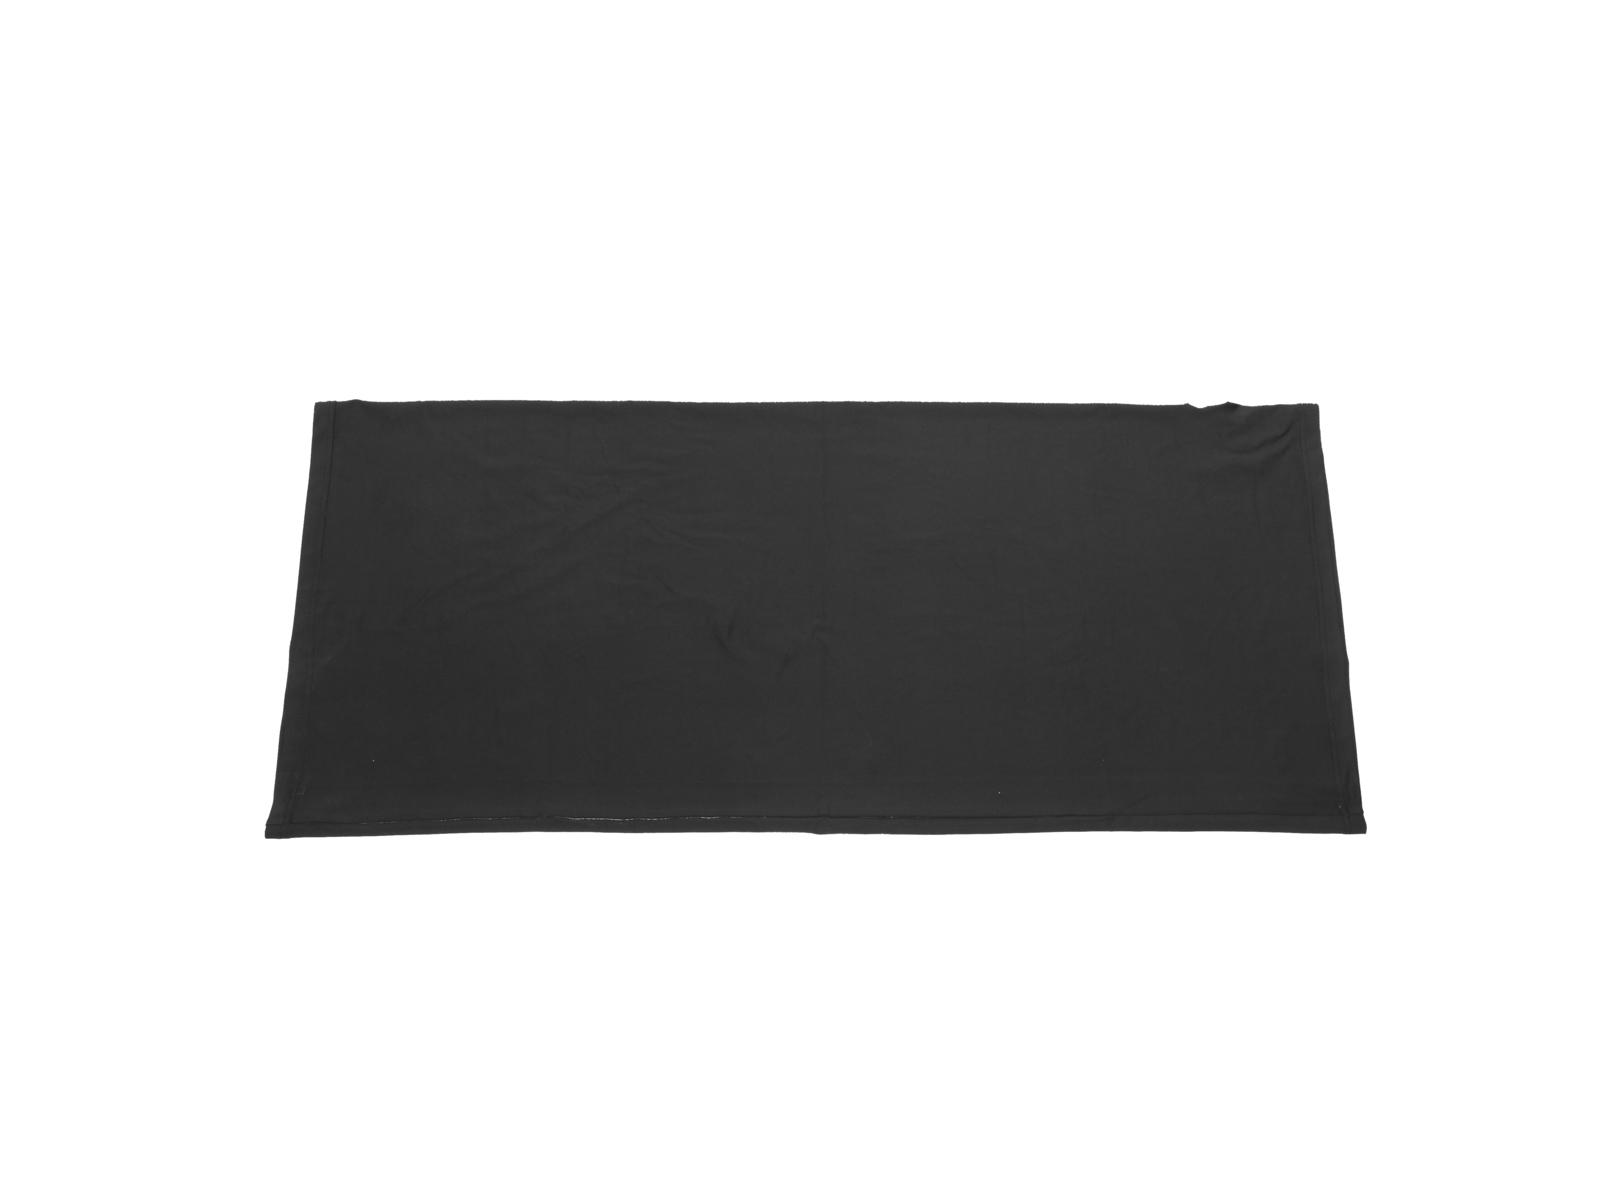 EUROLITE Wechselcover für Stage Stand Set 150cm schwarz